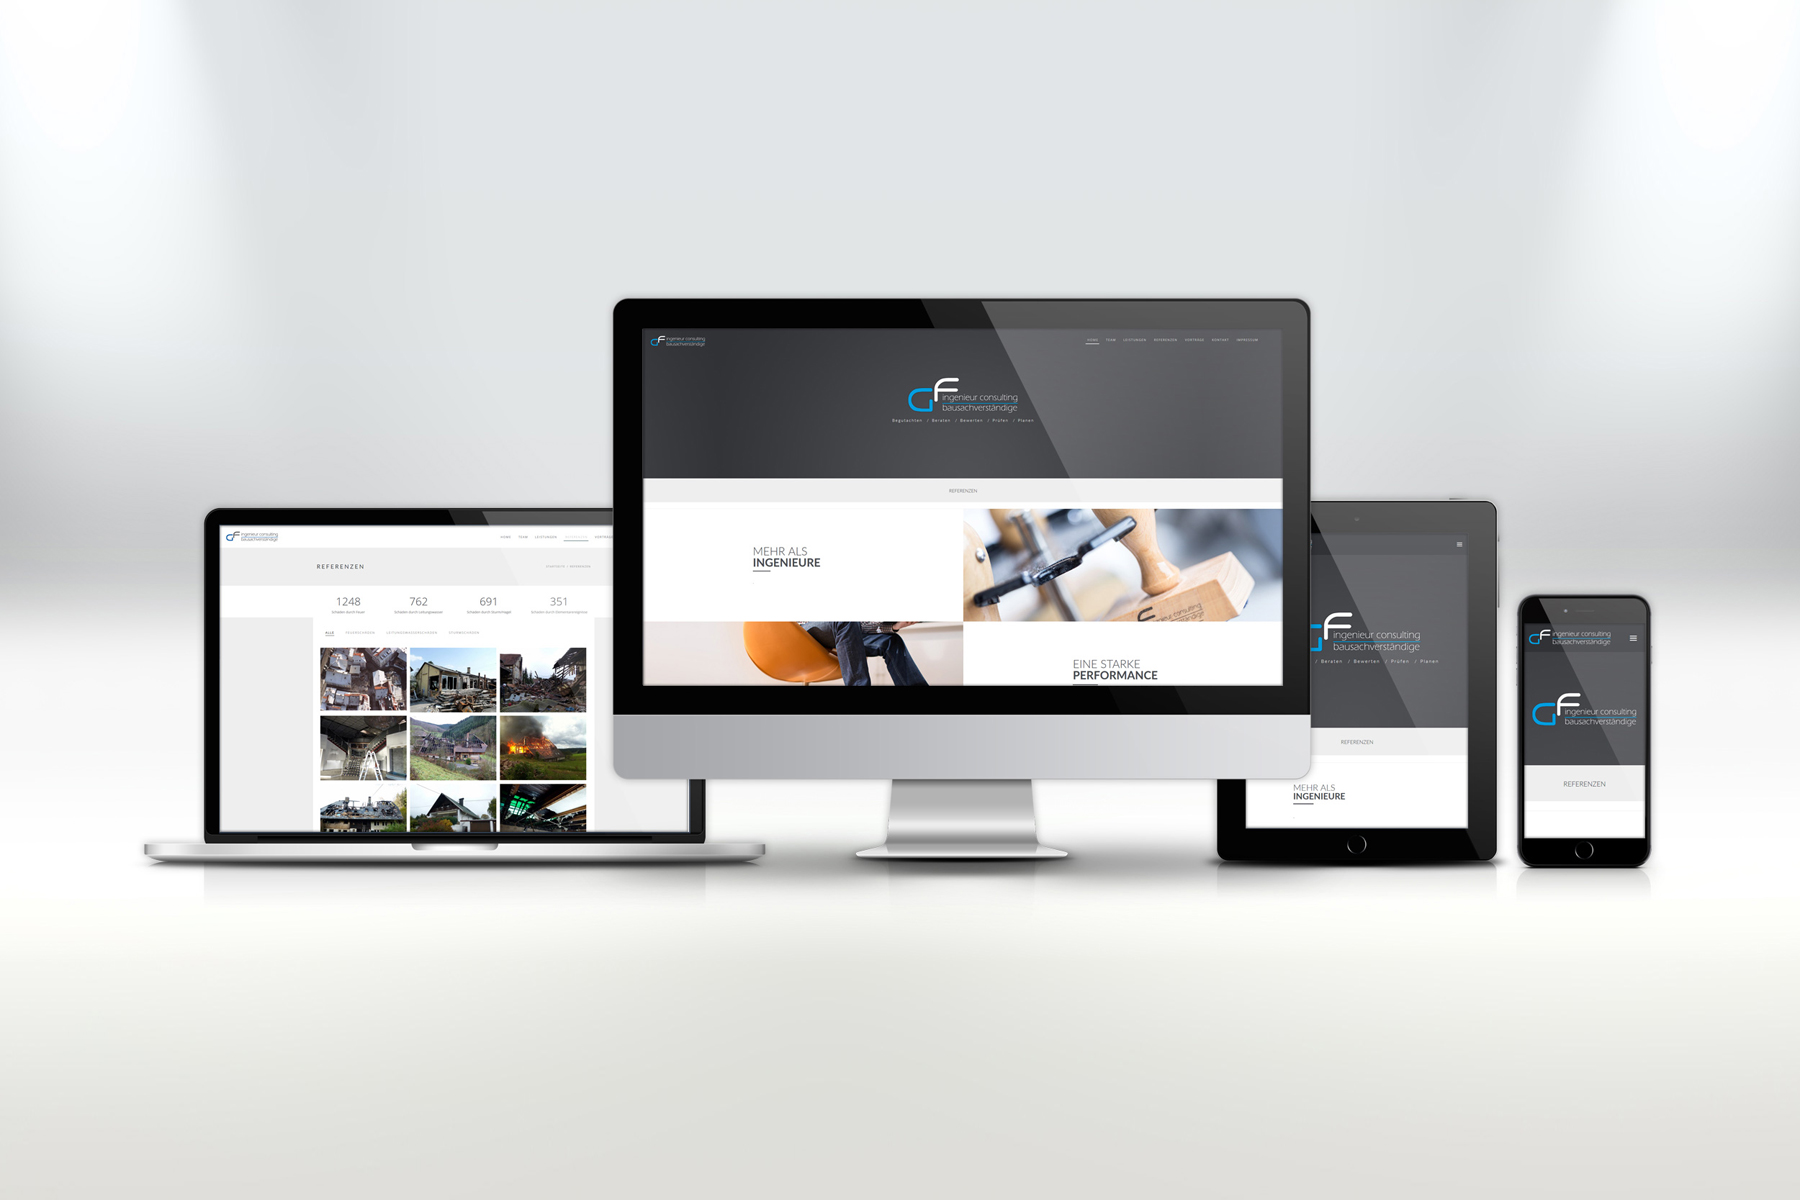 Neue Website - Responsive